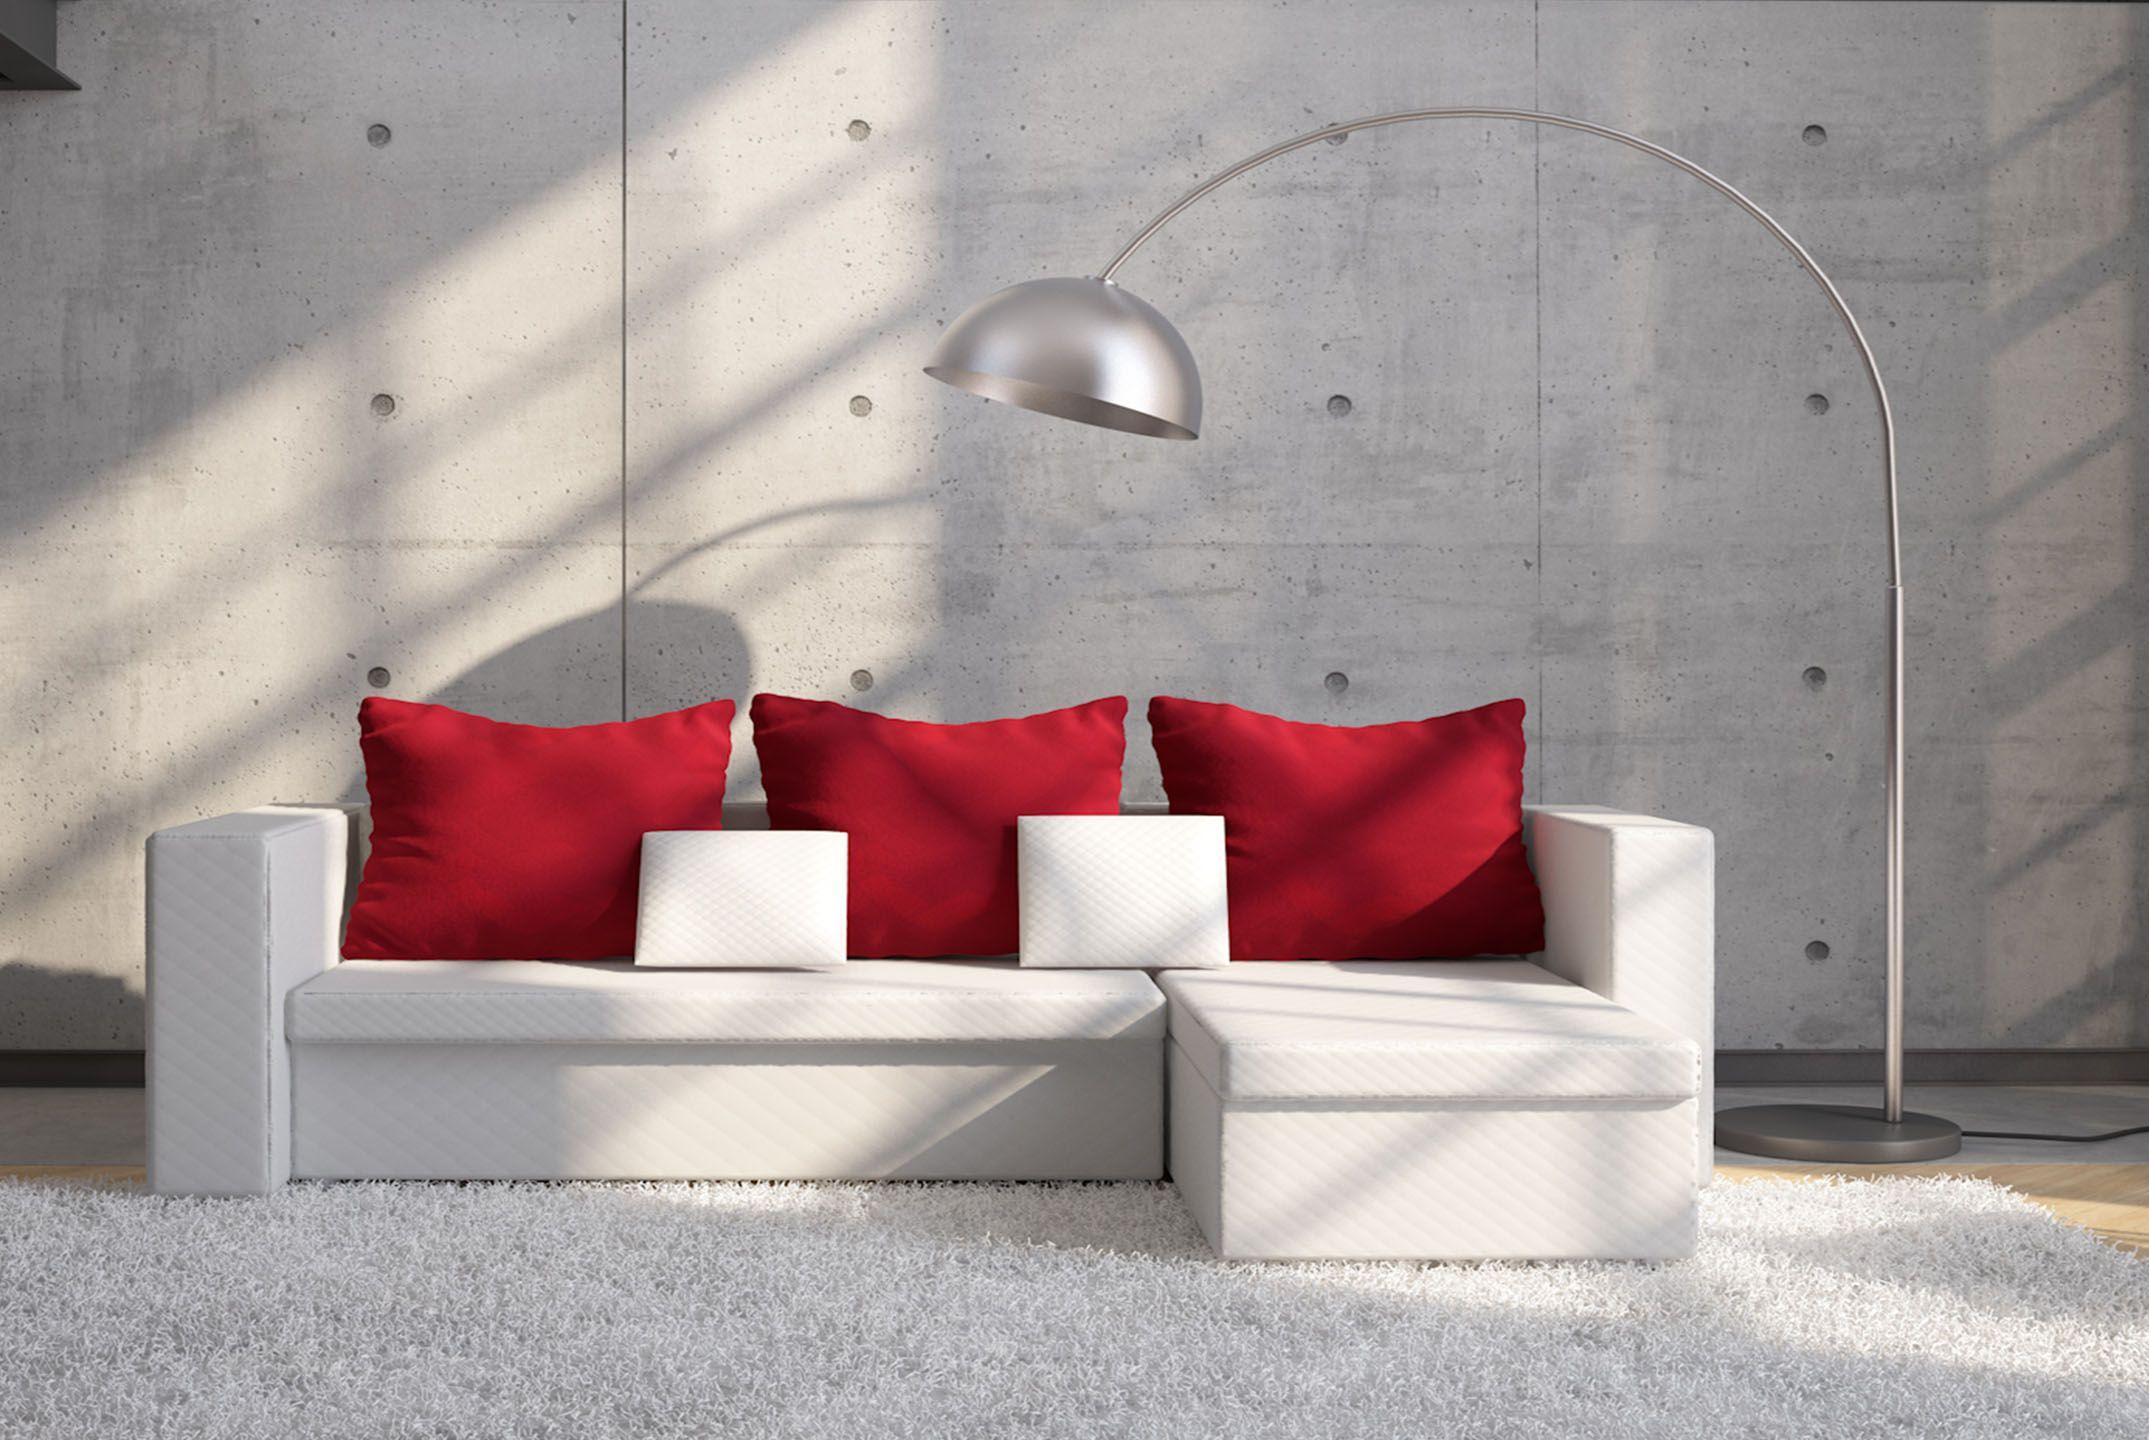 Elegant Moderne Couchgarnituren Ideen Von Saverio Ecksofa Mit Schlafffunktion In Vielen Farben.